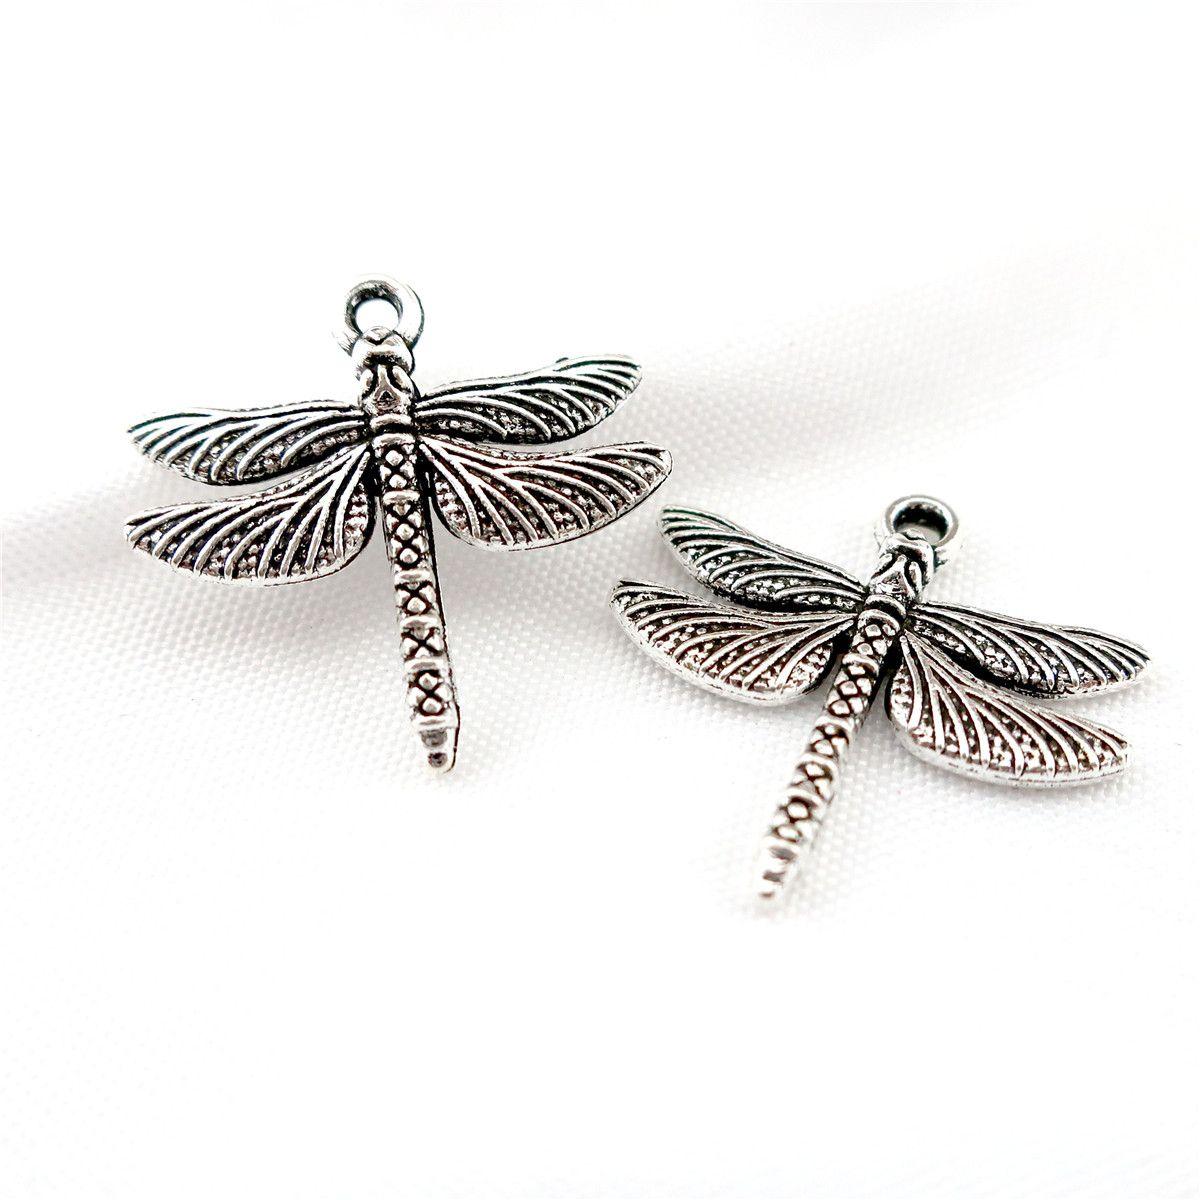 22848 45PCS lega d'argento antico d'epoca insetti libellula pendente fascino accessorio moda gioielli fai da te parte